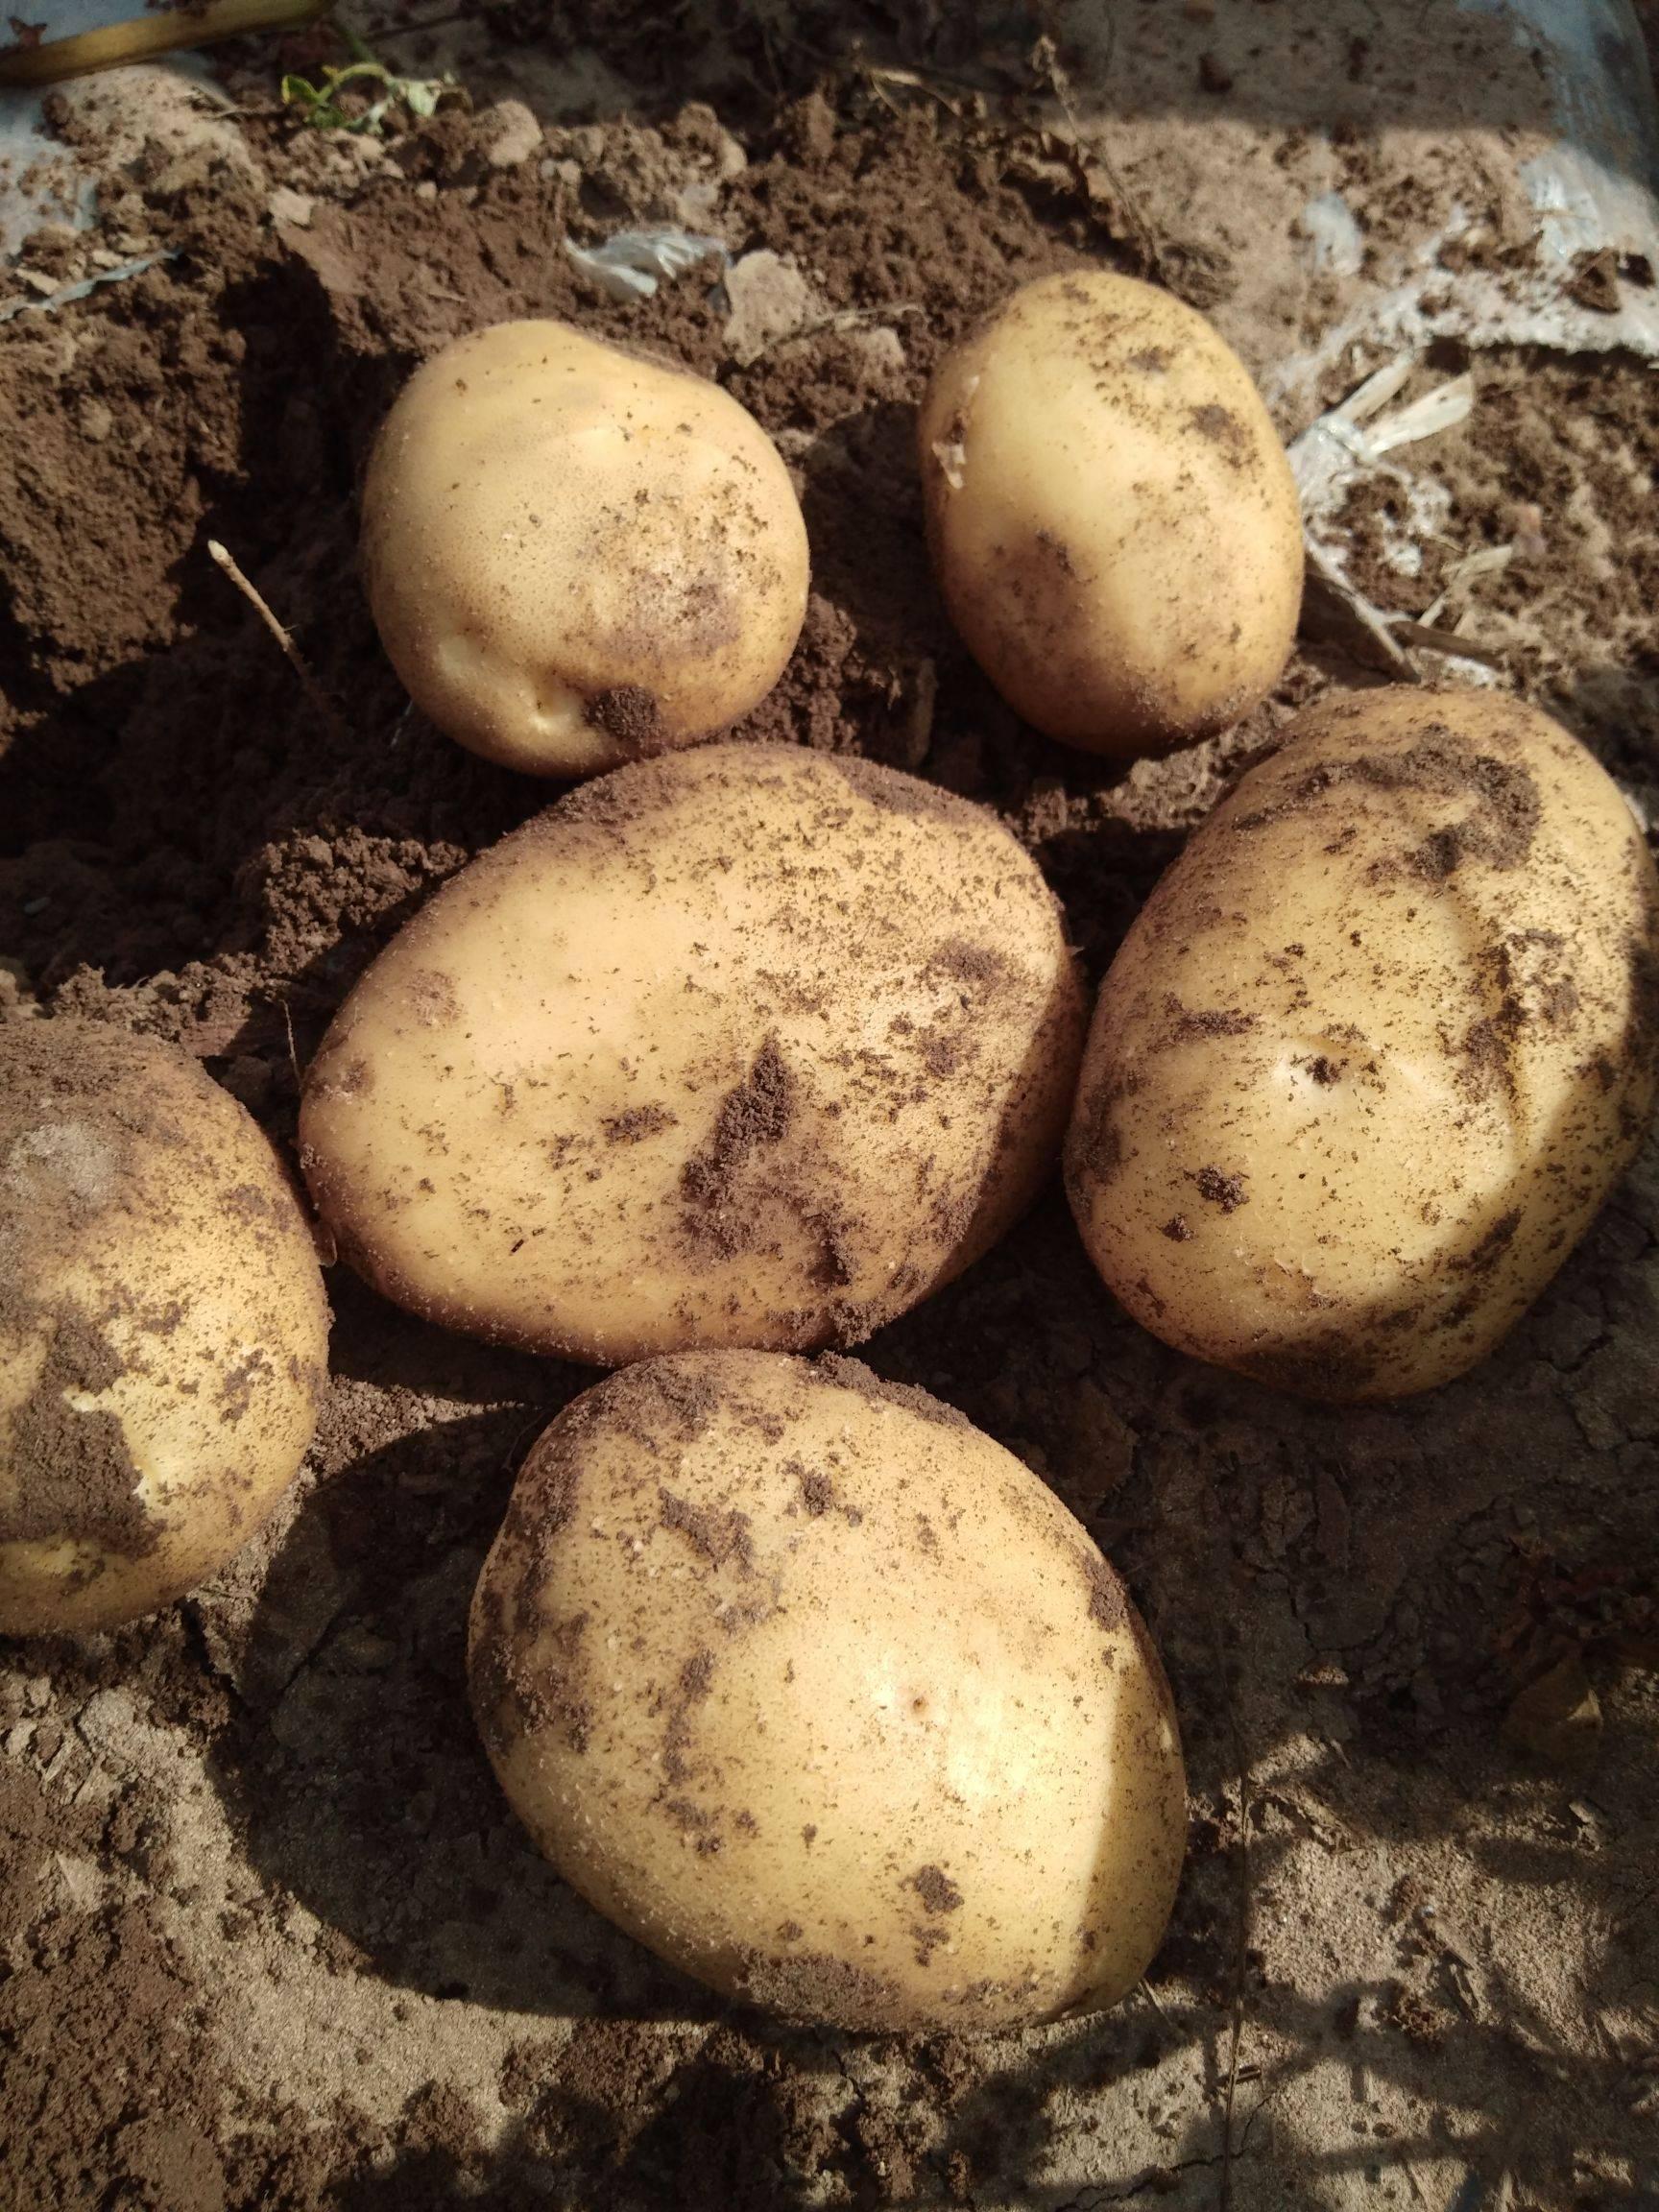 尤金885土豆 尤金885  沙土地